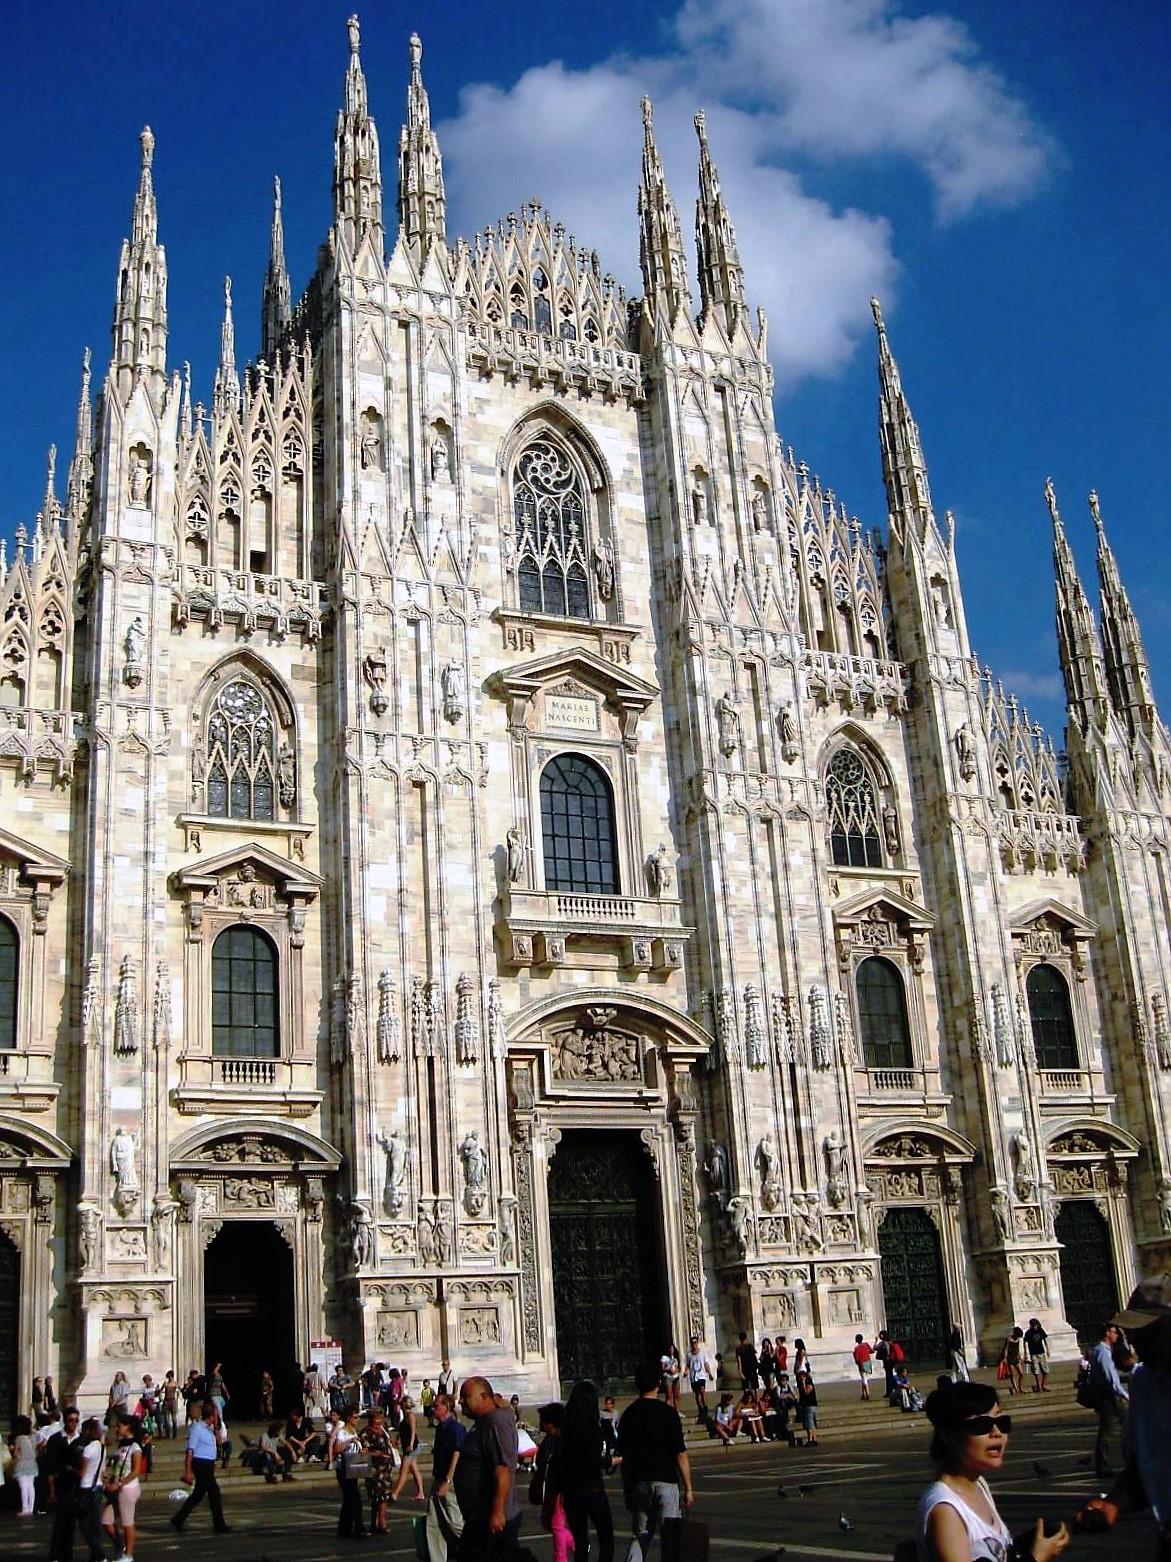 Миланский собор - самая узнаваемая достопримечательность